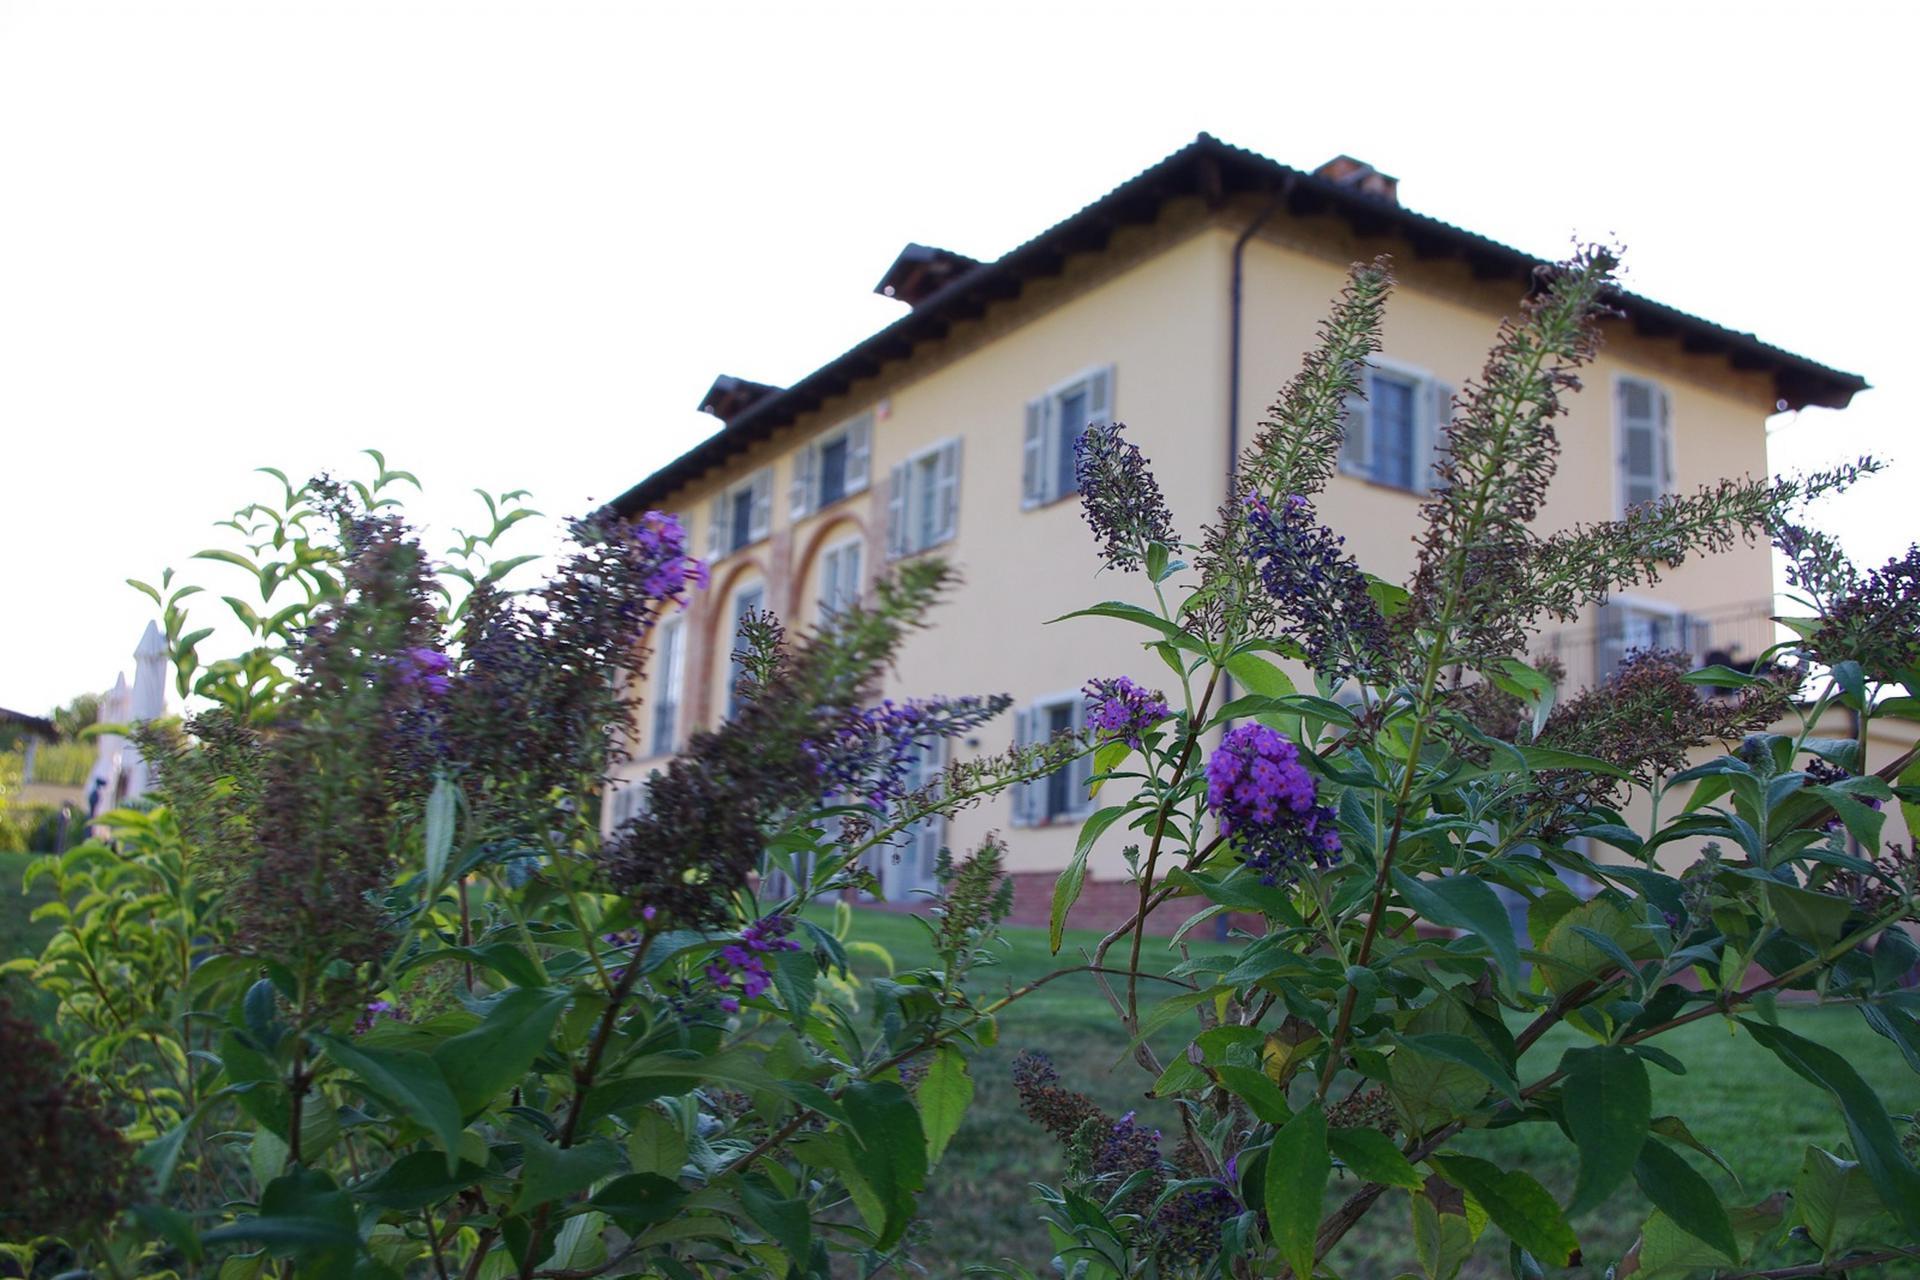 Agriturismo Toskana Agriturismo Toskana, ruhige Lage und sehr nette Besitzer